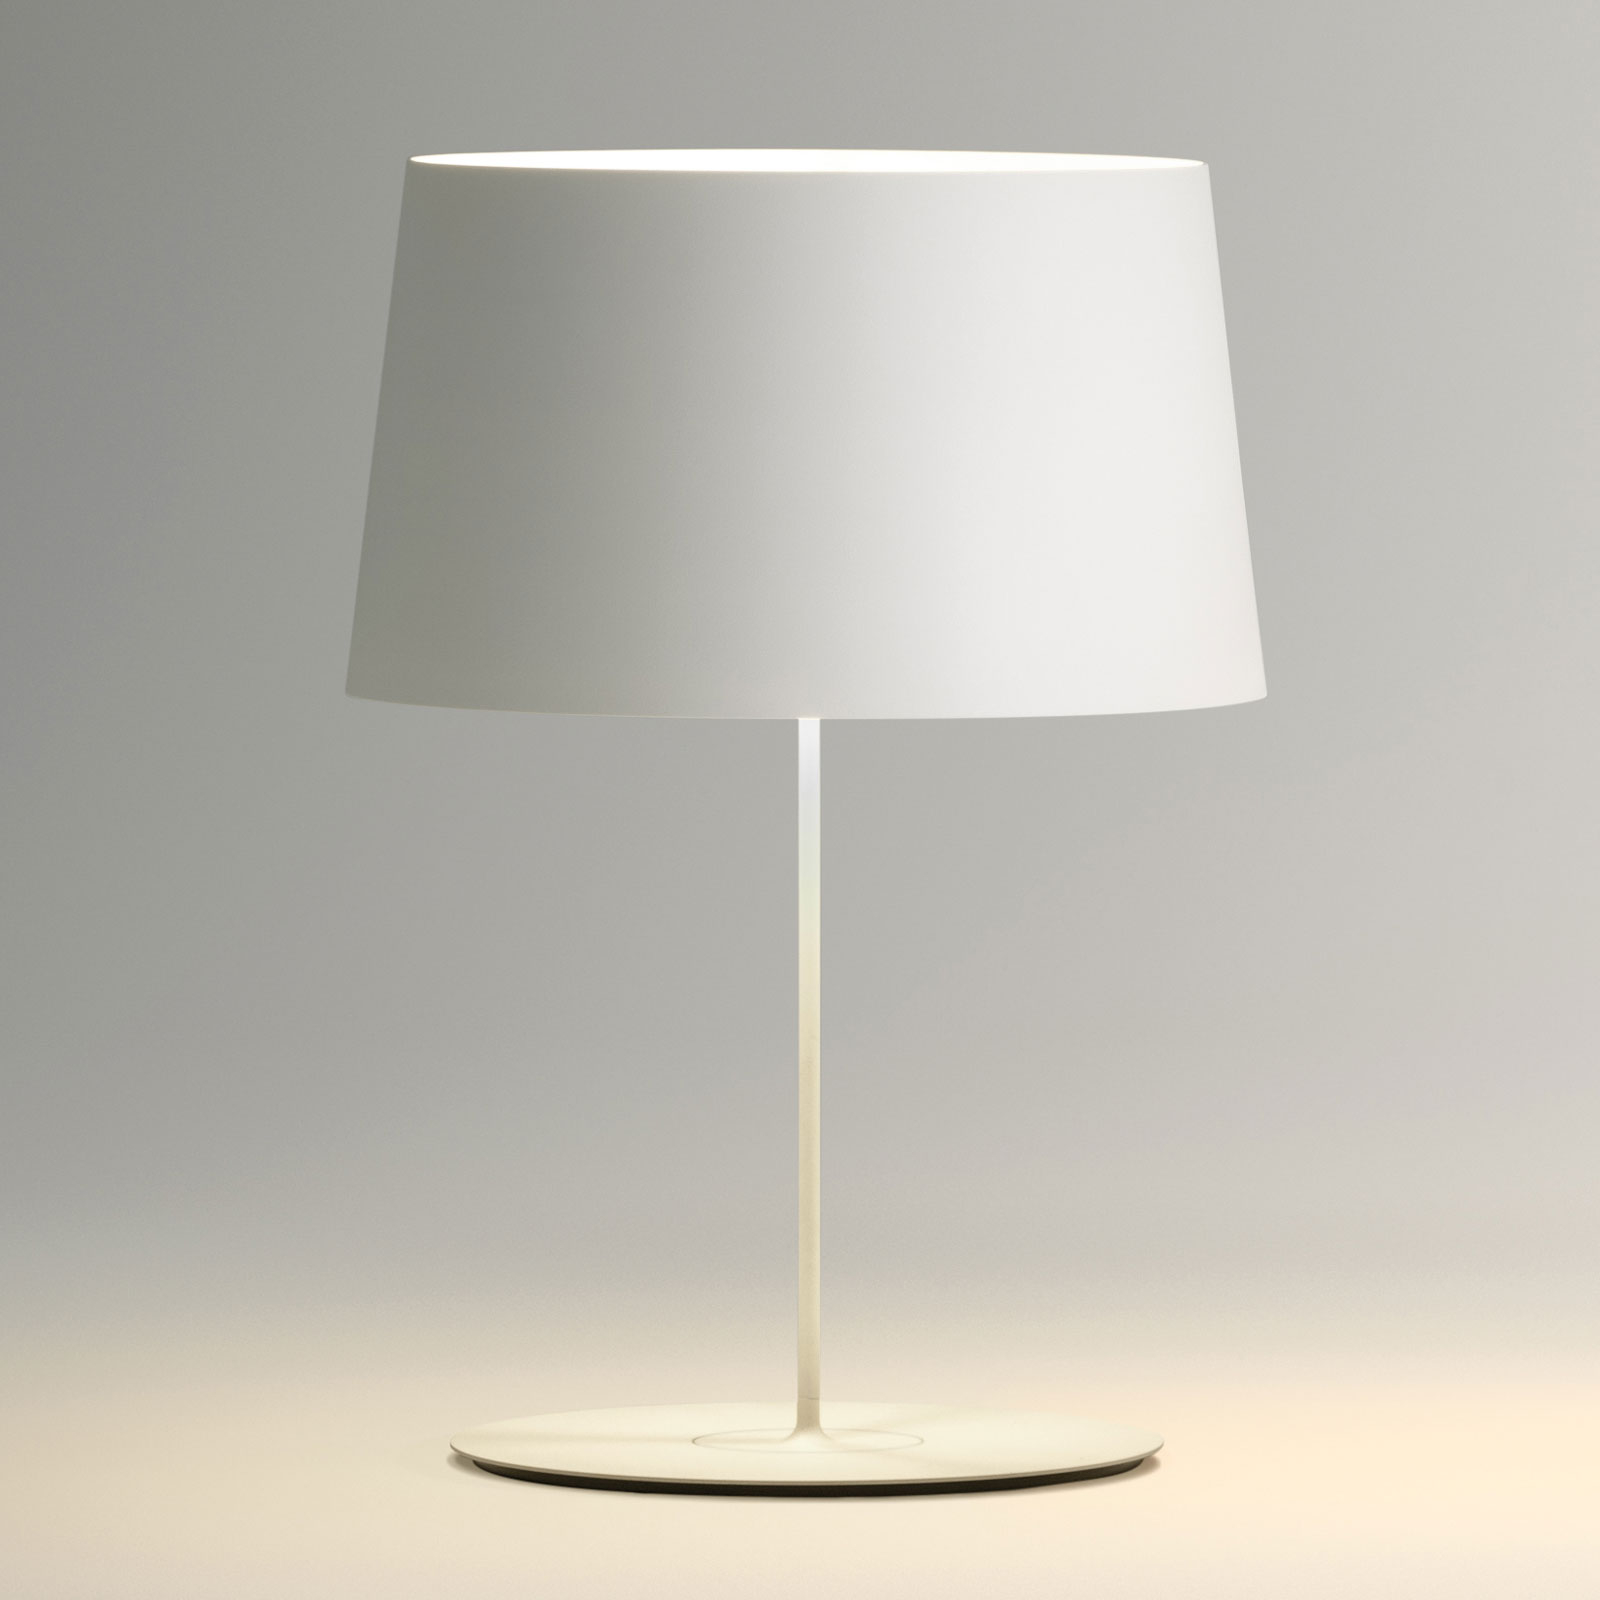 Vibia Warm 4901 pöytälamppu, 42 cm, valkoinen